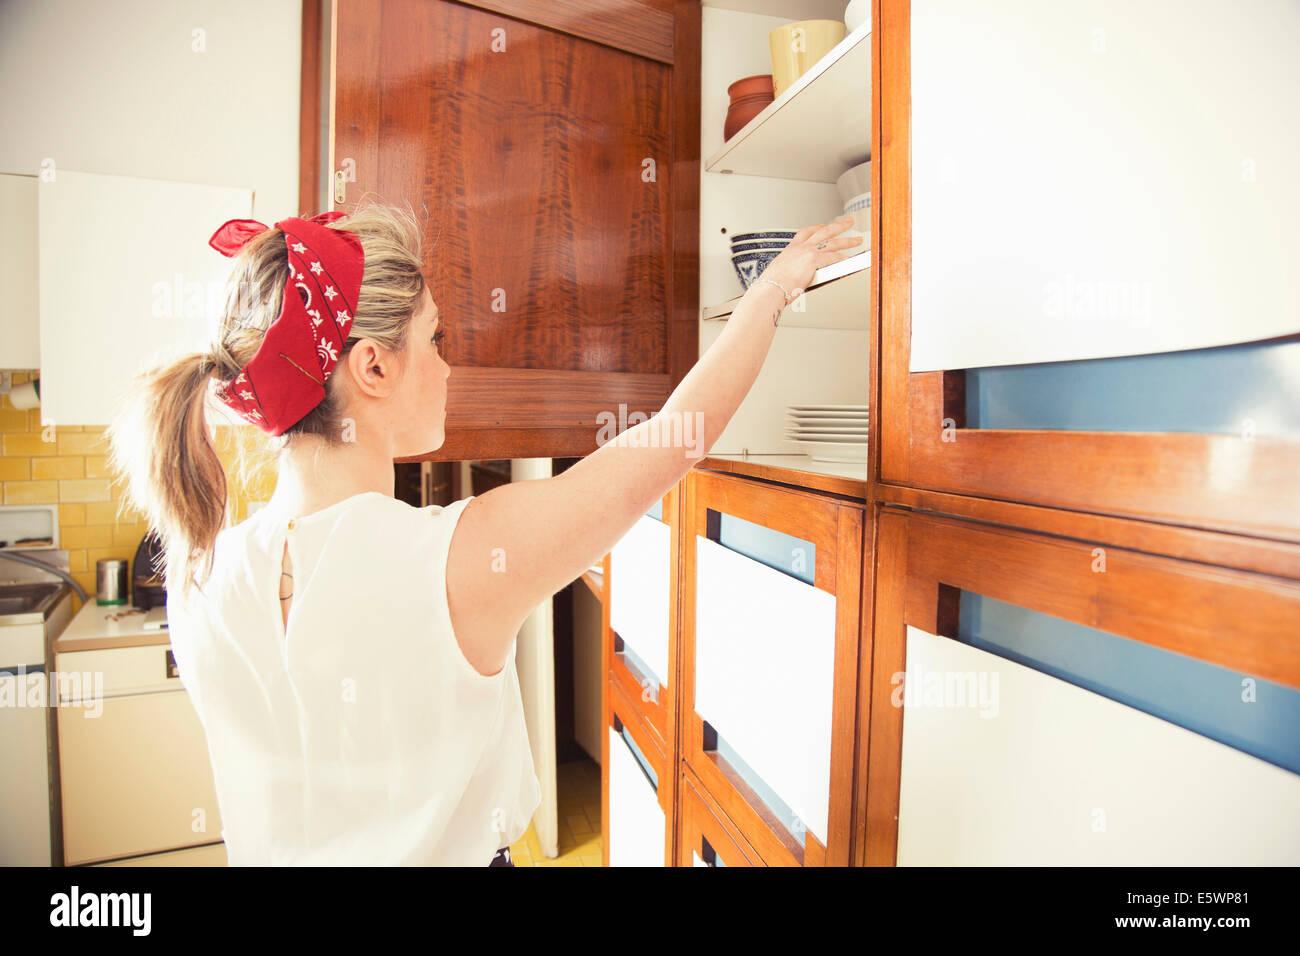 Credenza Vintage Per Cucina : Giovane donna raggiungendo per la credenza in cucina vintage foto